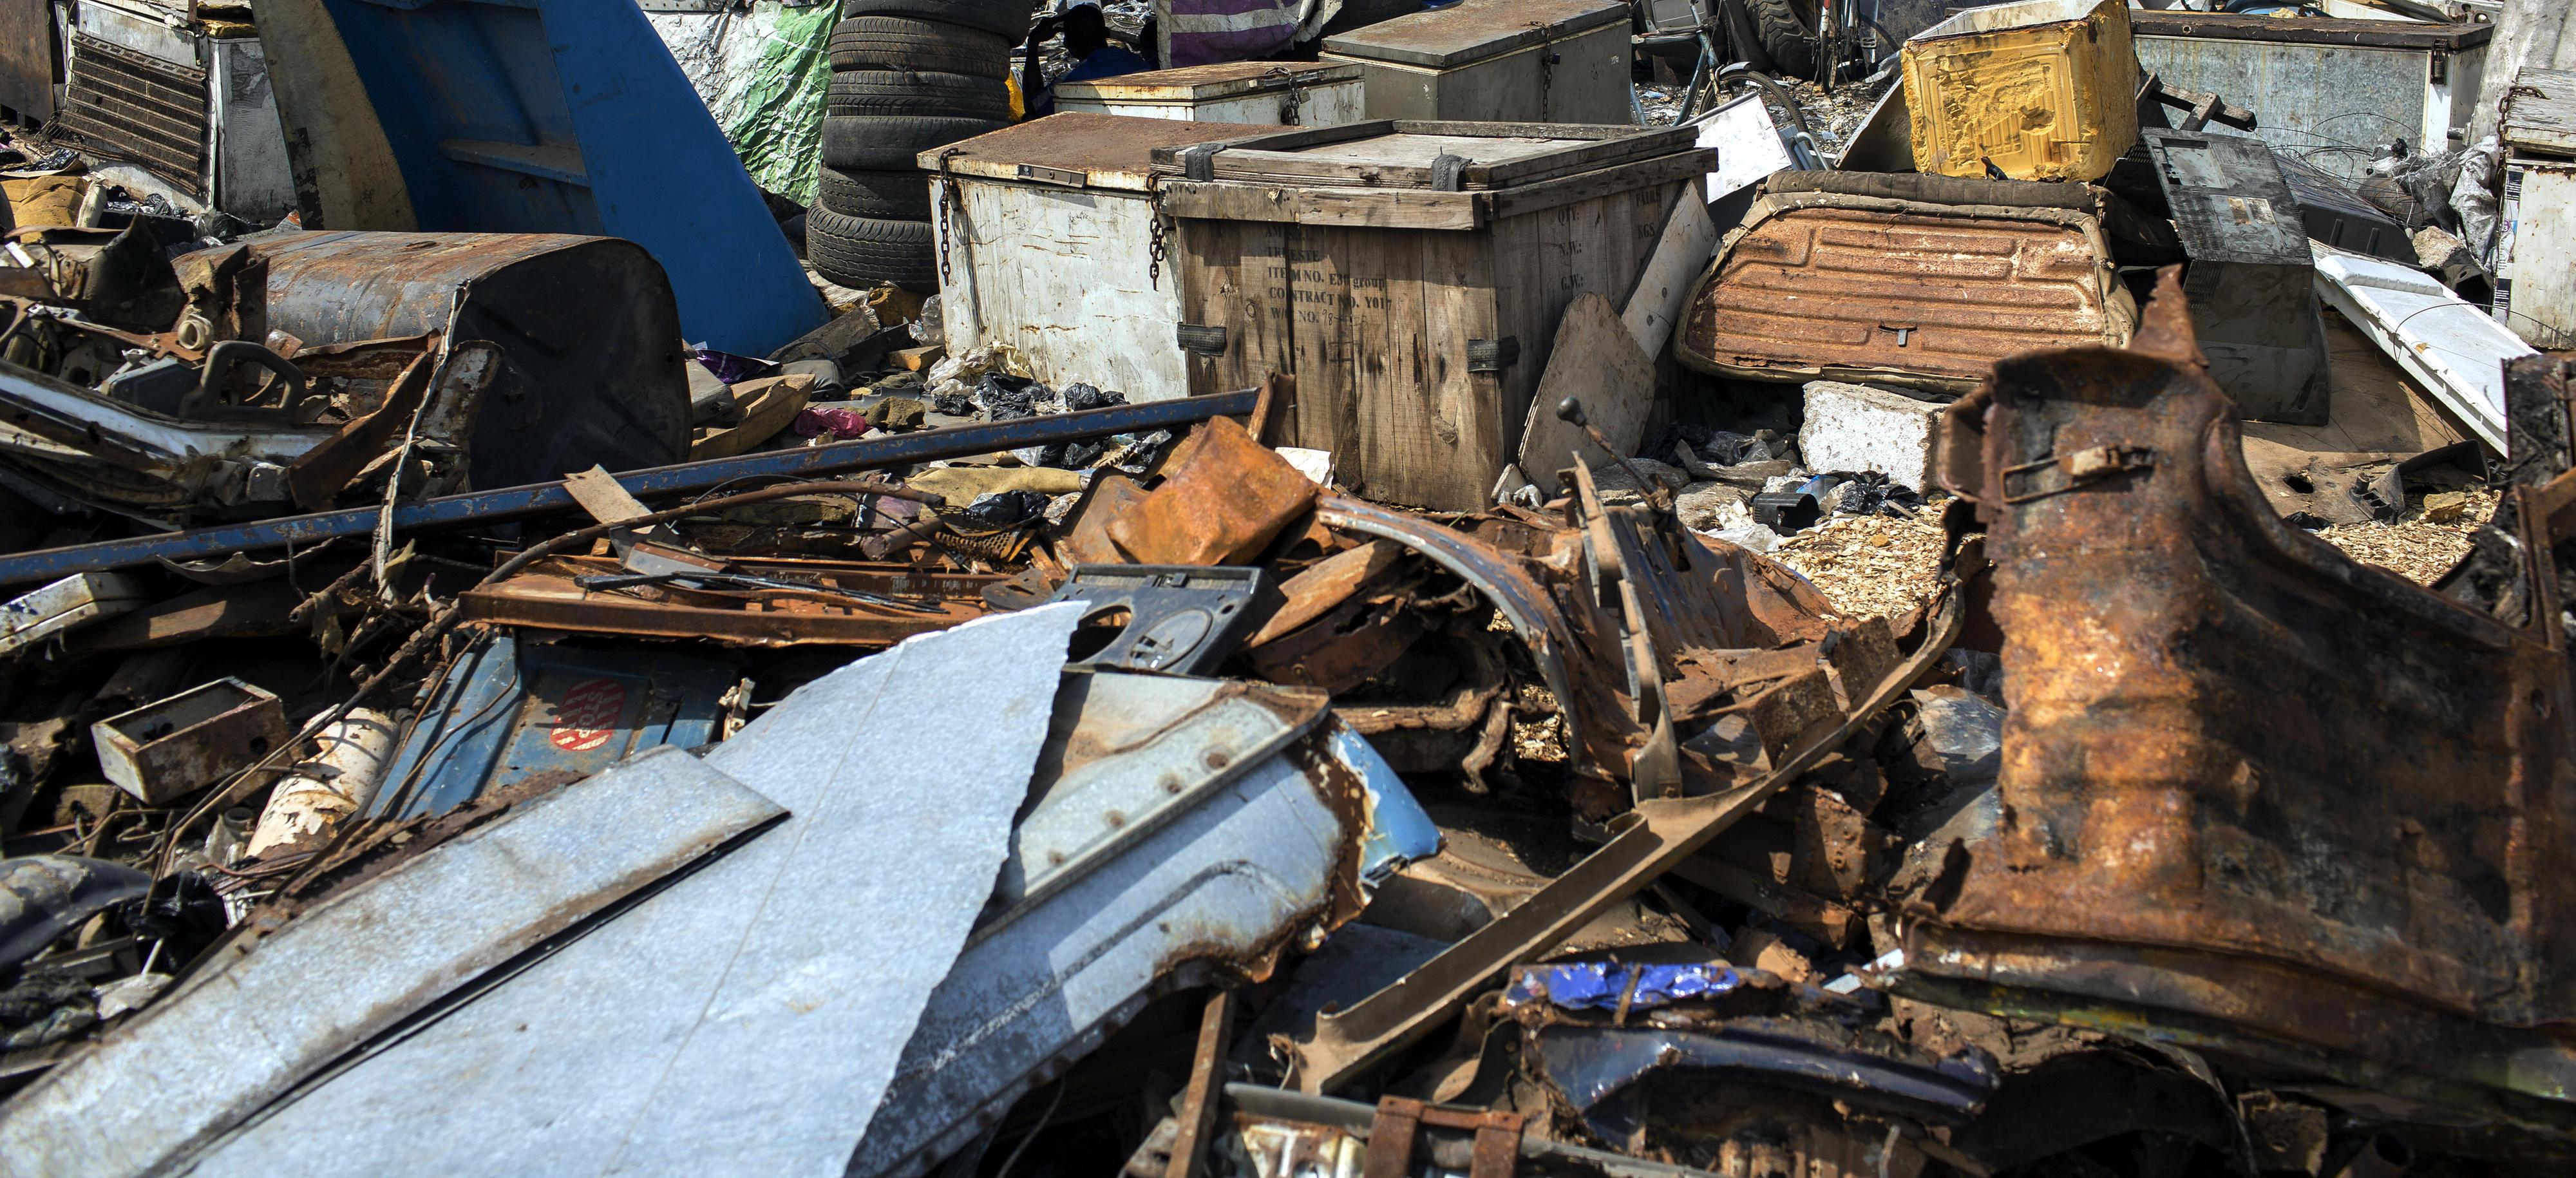 Detailaufnahmen einer Mülldeponie, Blechteile, Holzabfall, Elektronikschrott und anderer Abfall